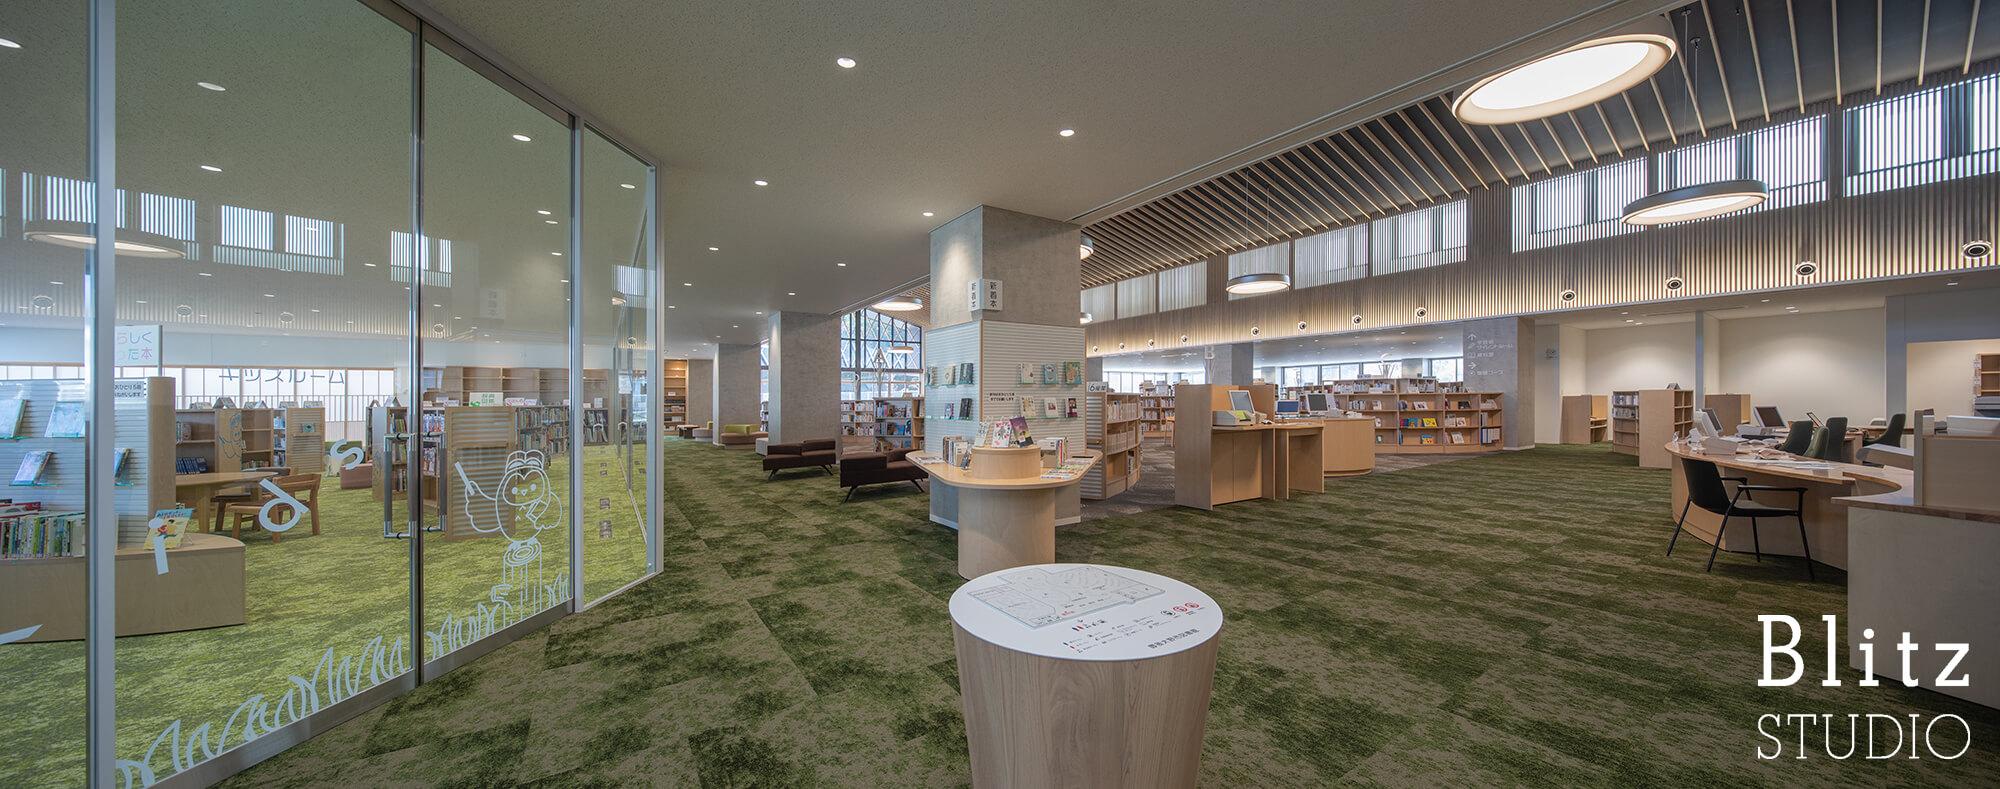 『豊後大野市立図書館』建築写真・竣工写真・インテリア写真7